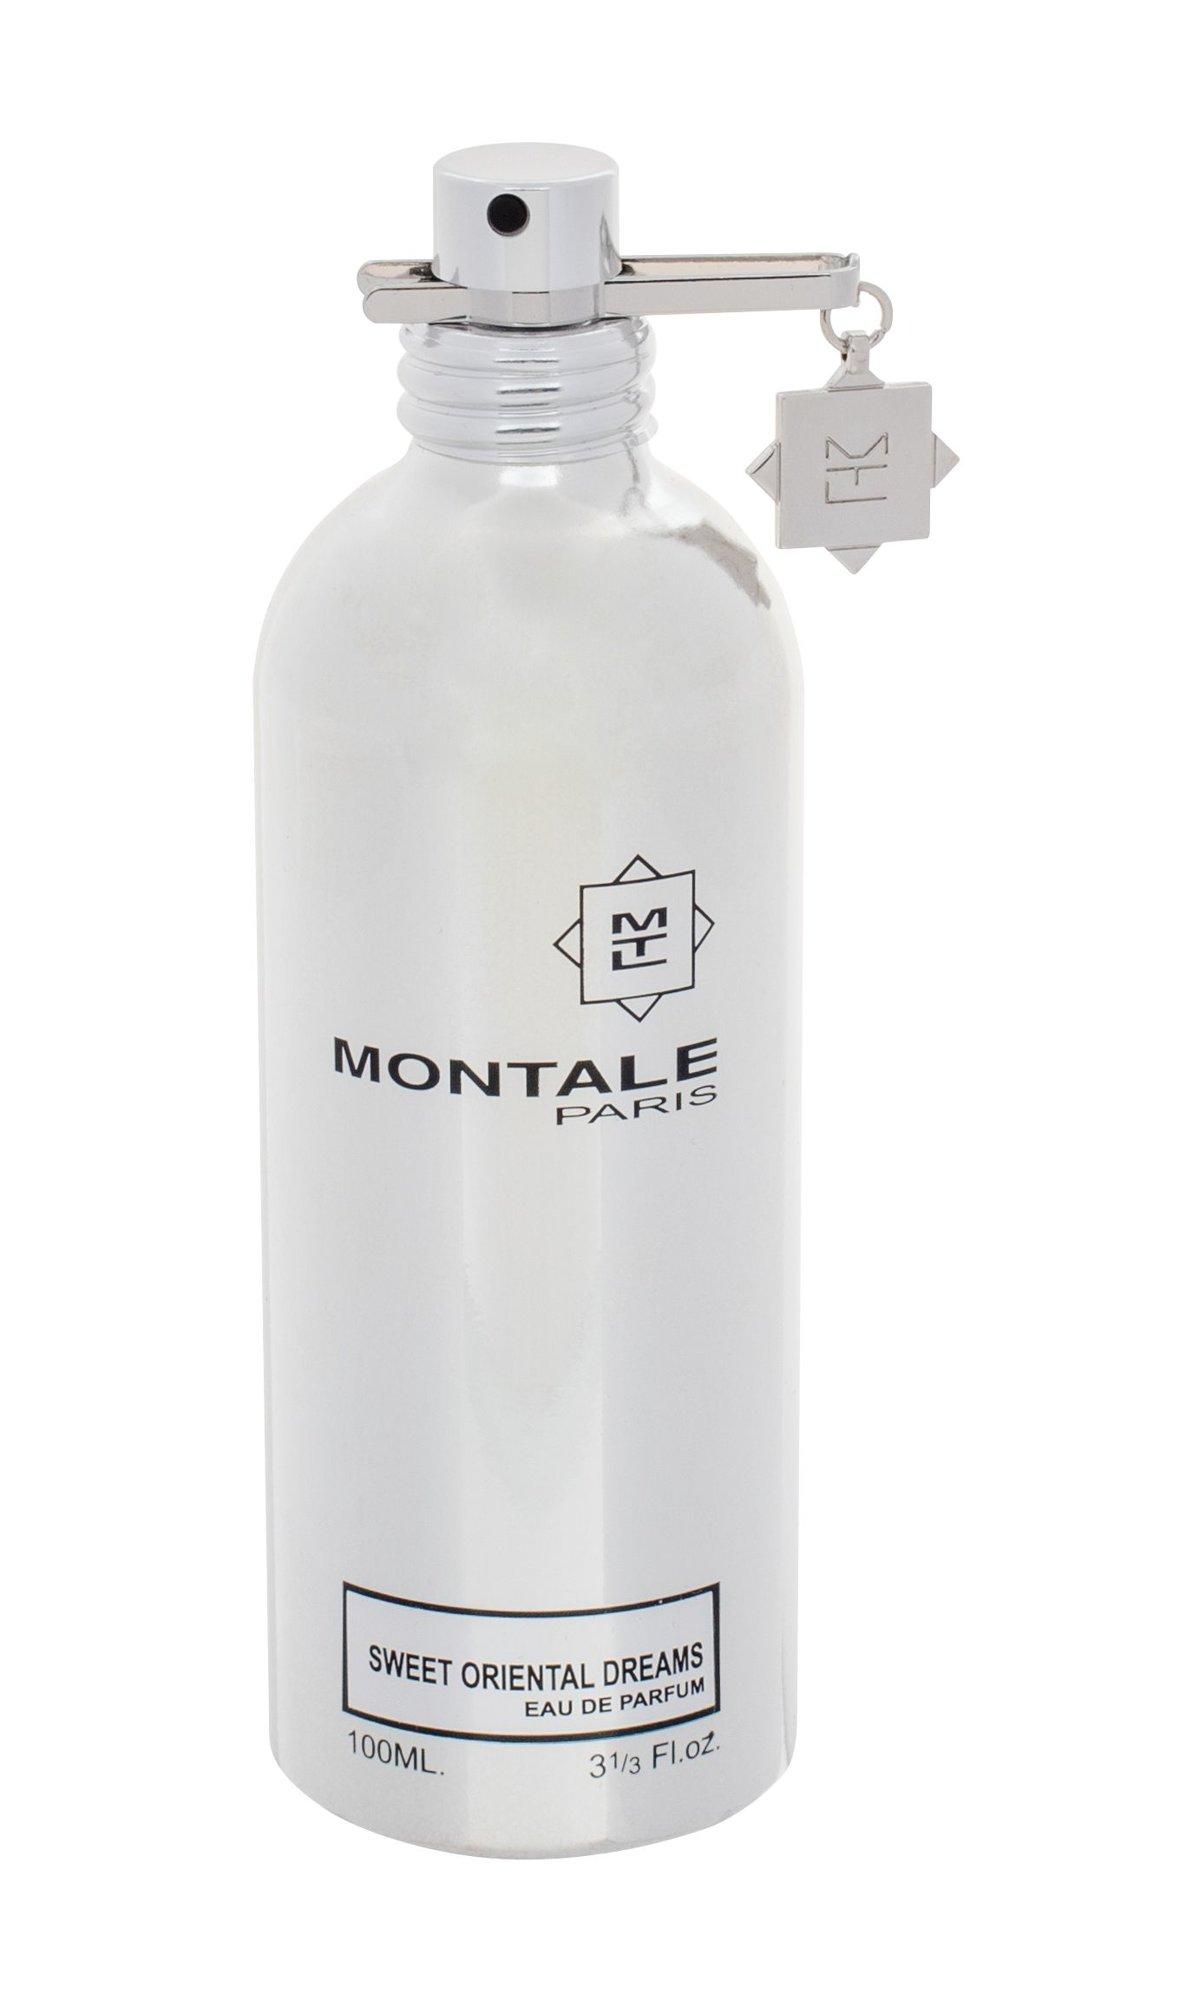 Montale Paris Sweet Oriental Dream Eau de Parfum 100ml